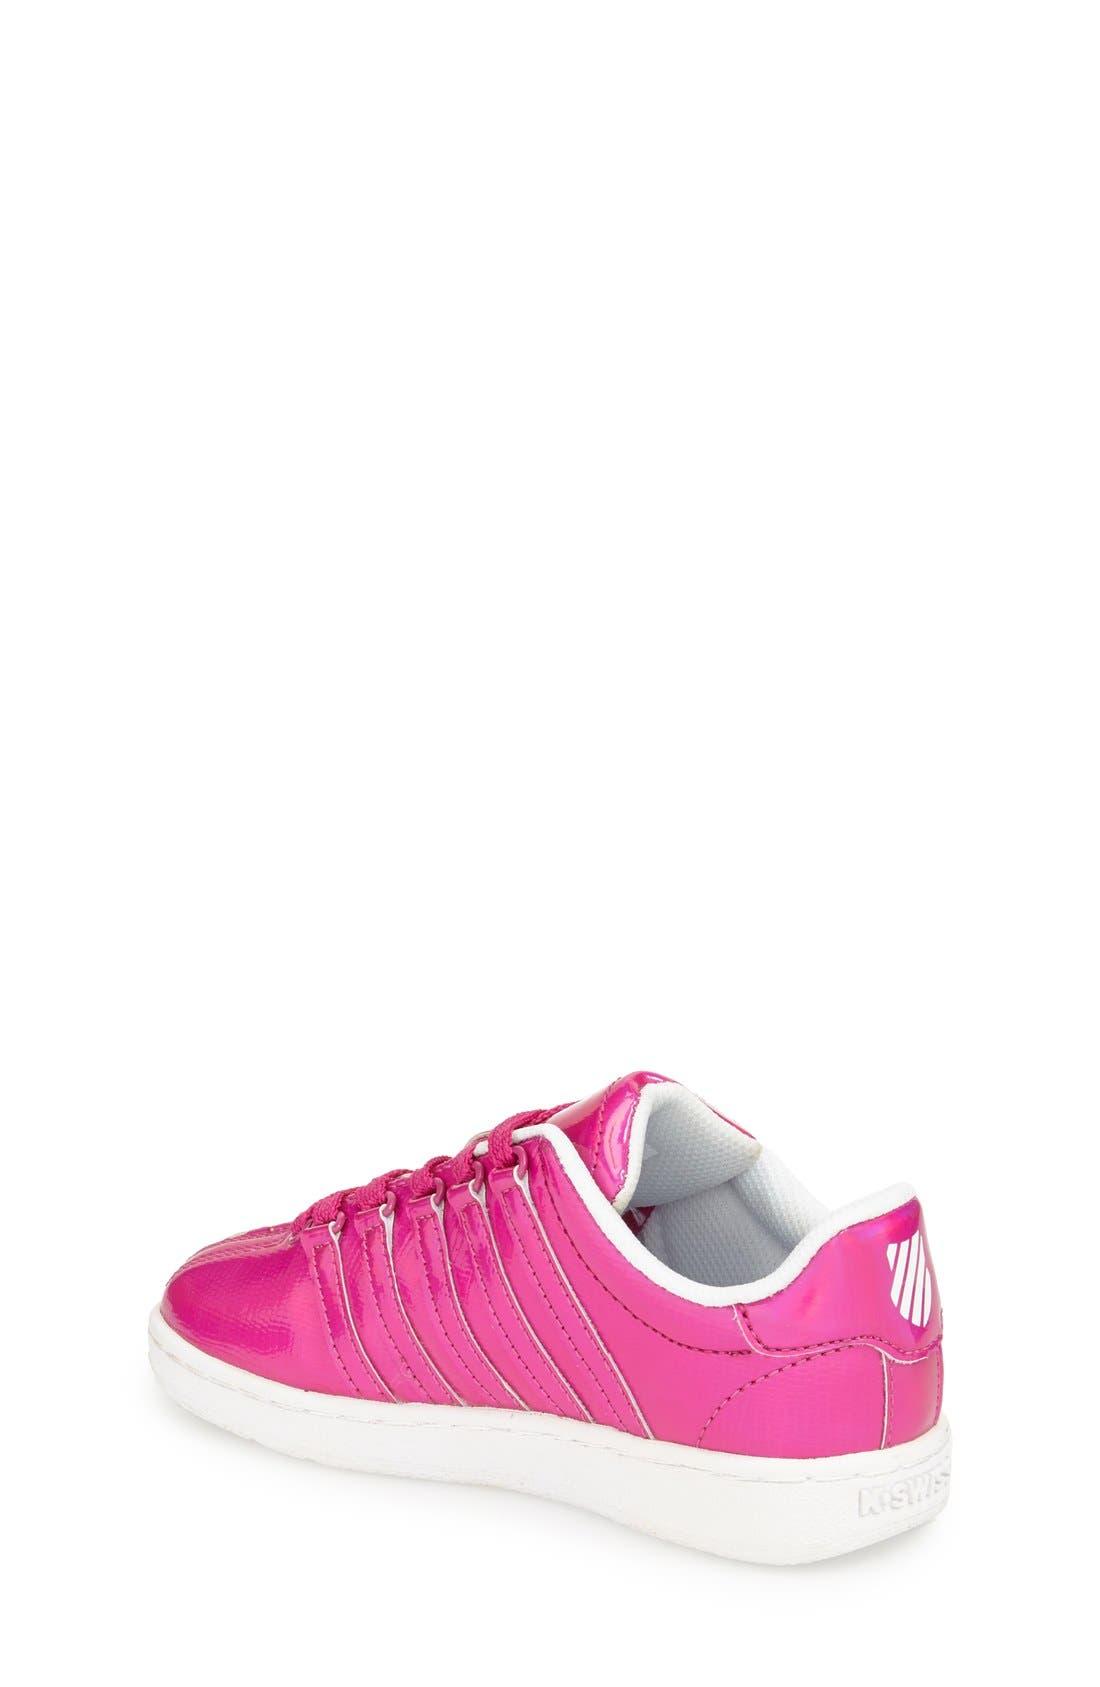 Alternate Image 2  - K-Swiss 'Classic - Shine On' Sneaker (Toddler & Little Kid)